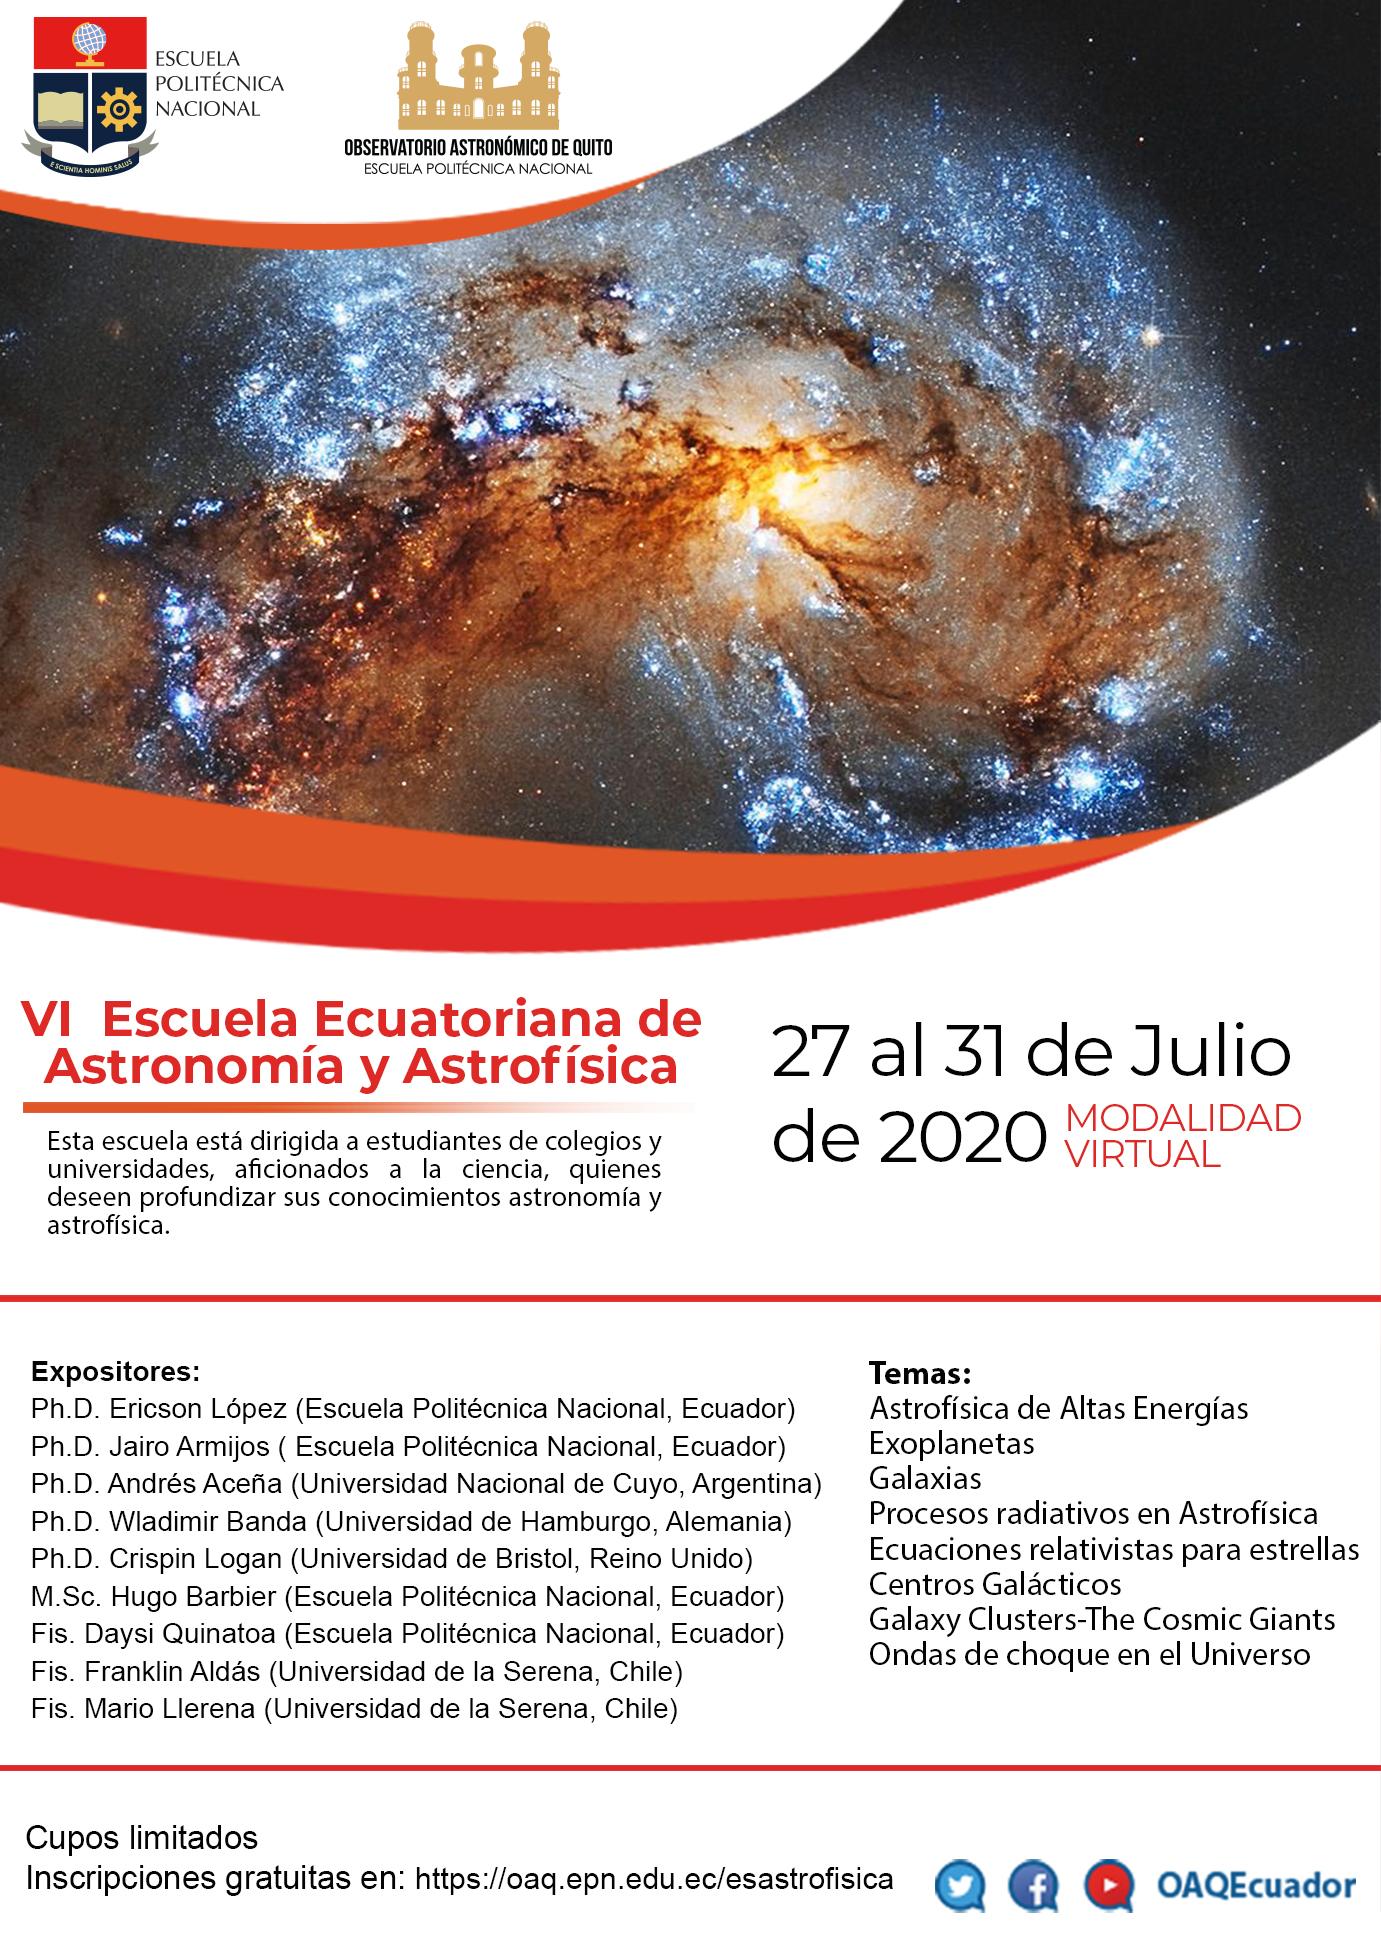 VI Escuela Ecuatoriana de Astronomía y Astrofísica